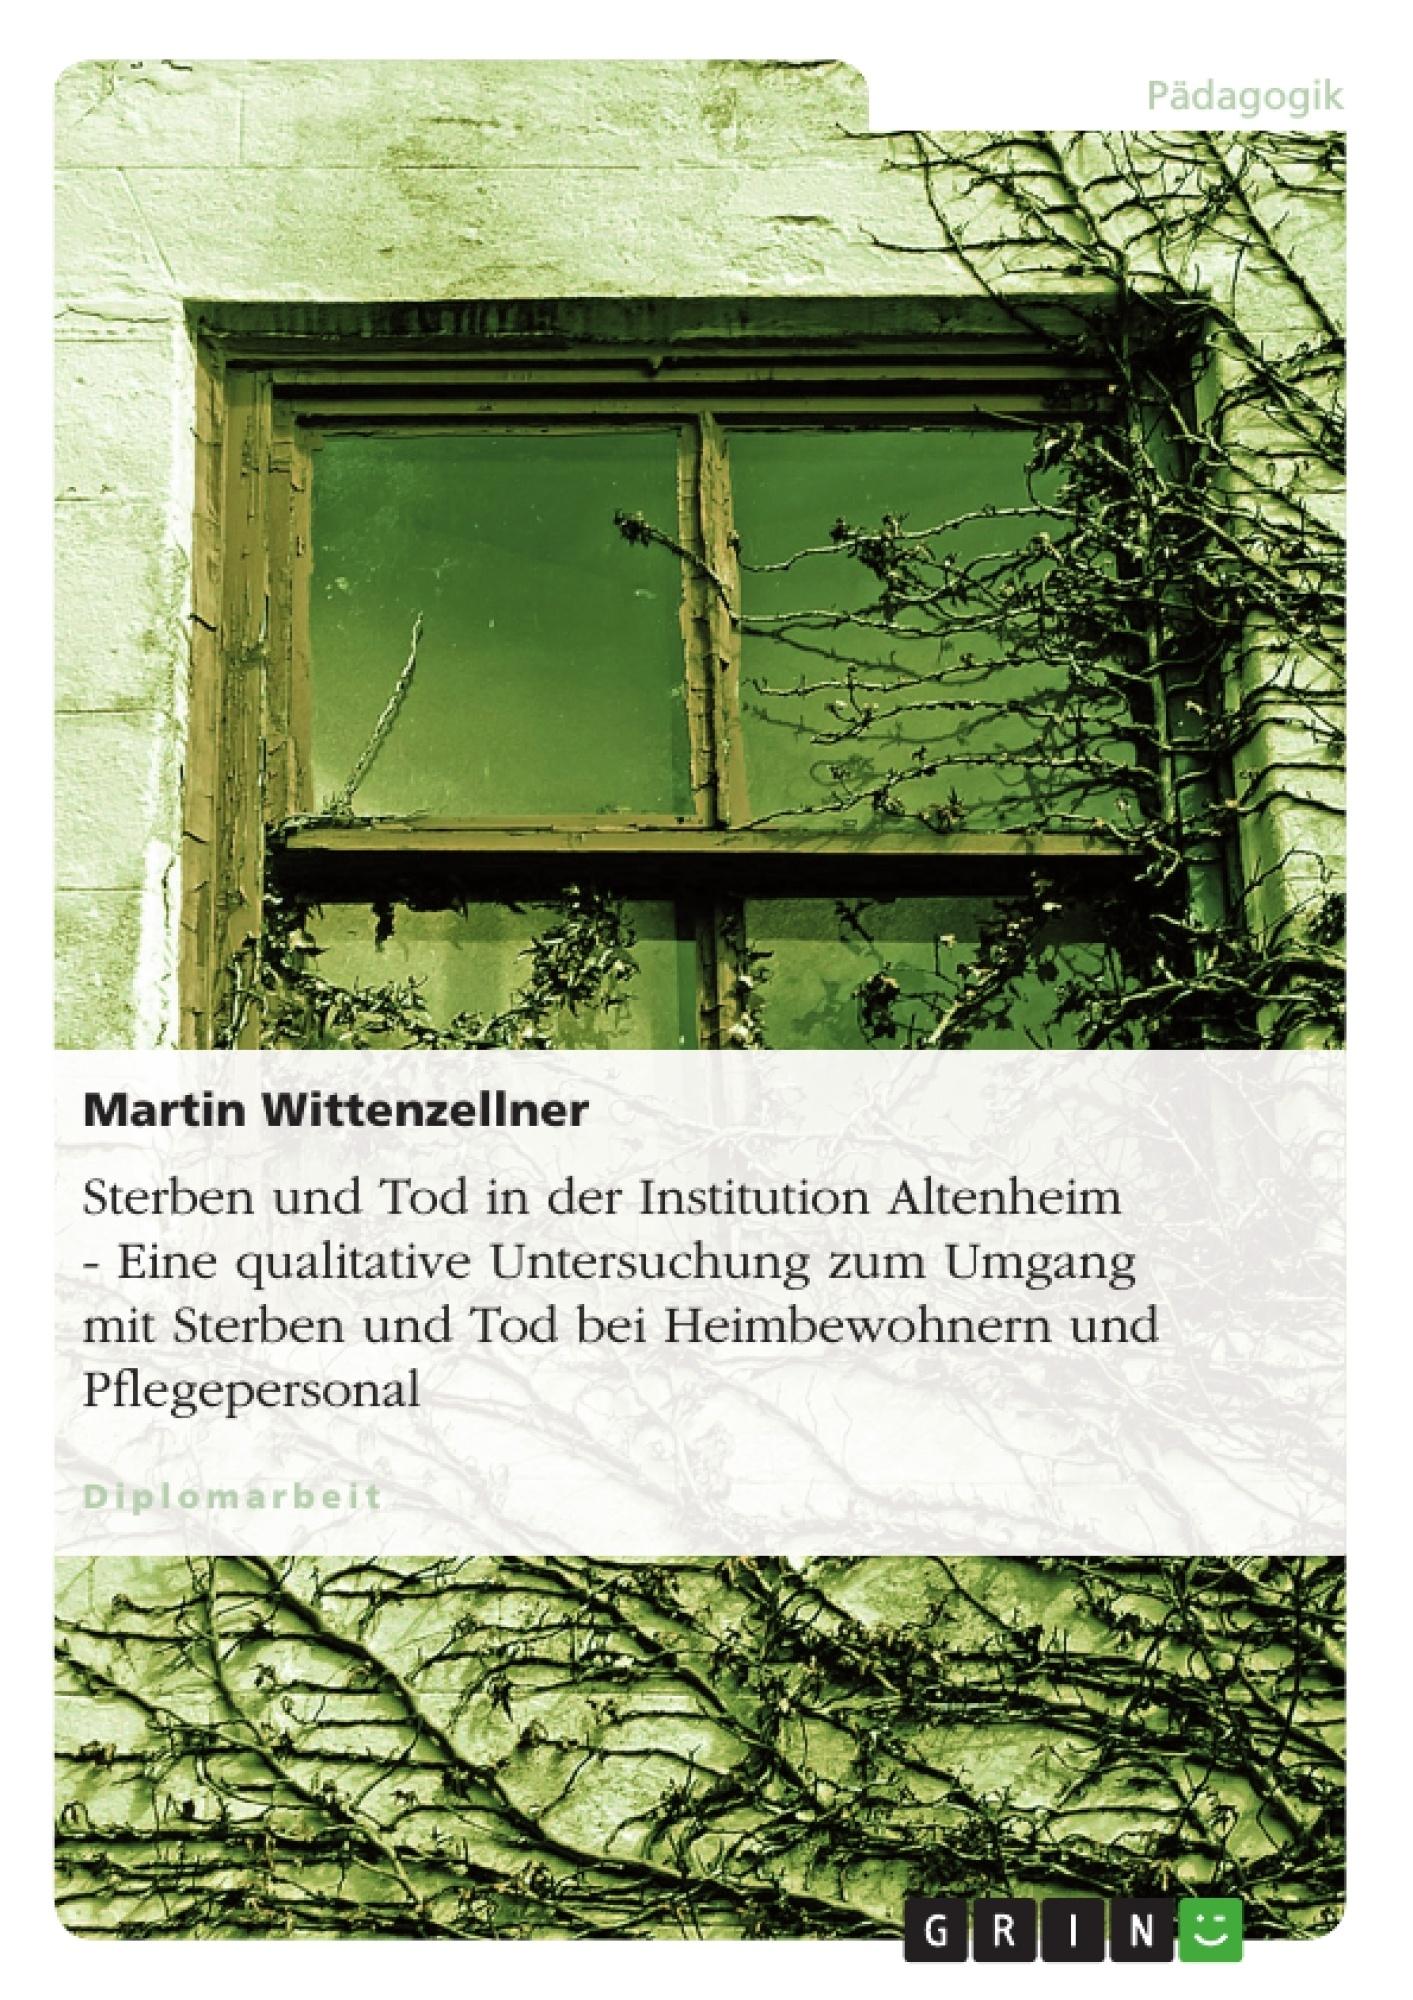 Titel: Sterben und Tod in der Institution Altenheim - Eine qualitative Untersuchung zum Umgang mit Sterben und Tod bei Heimbewohnern und Pflegepersonal